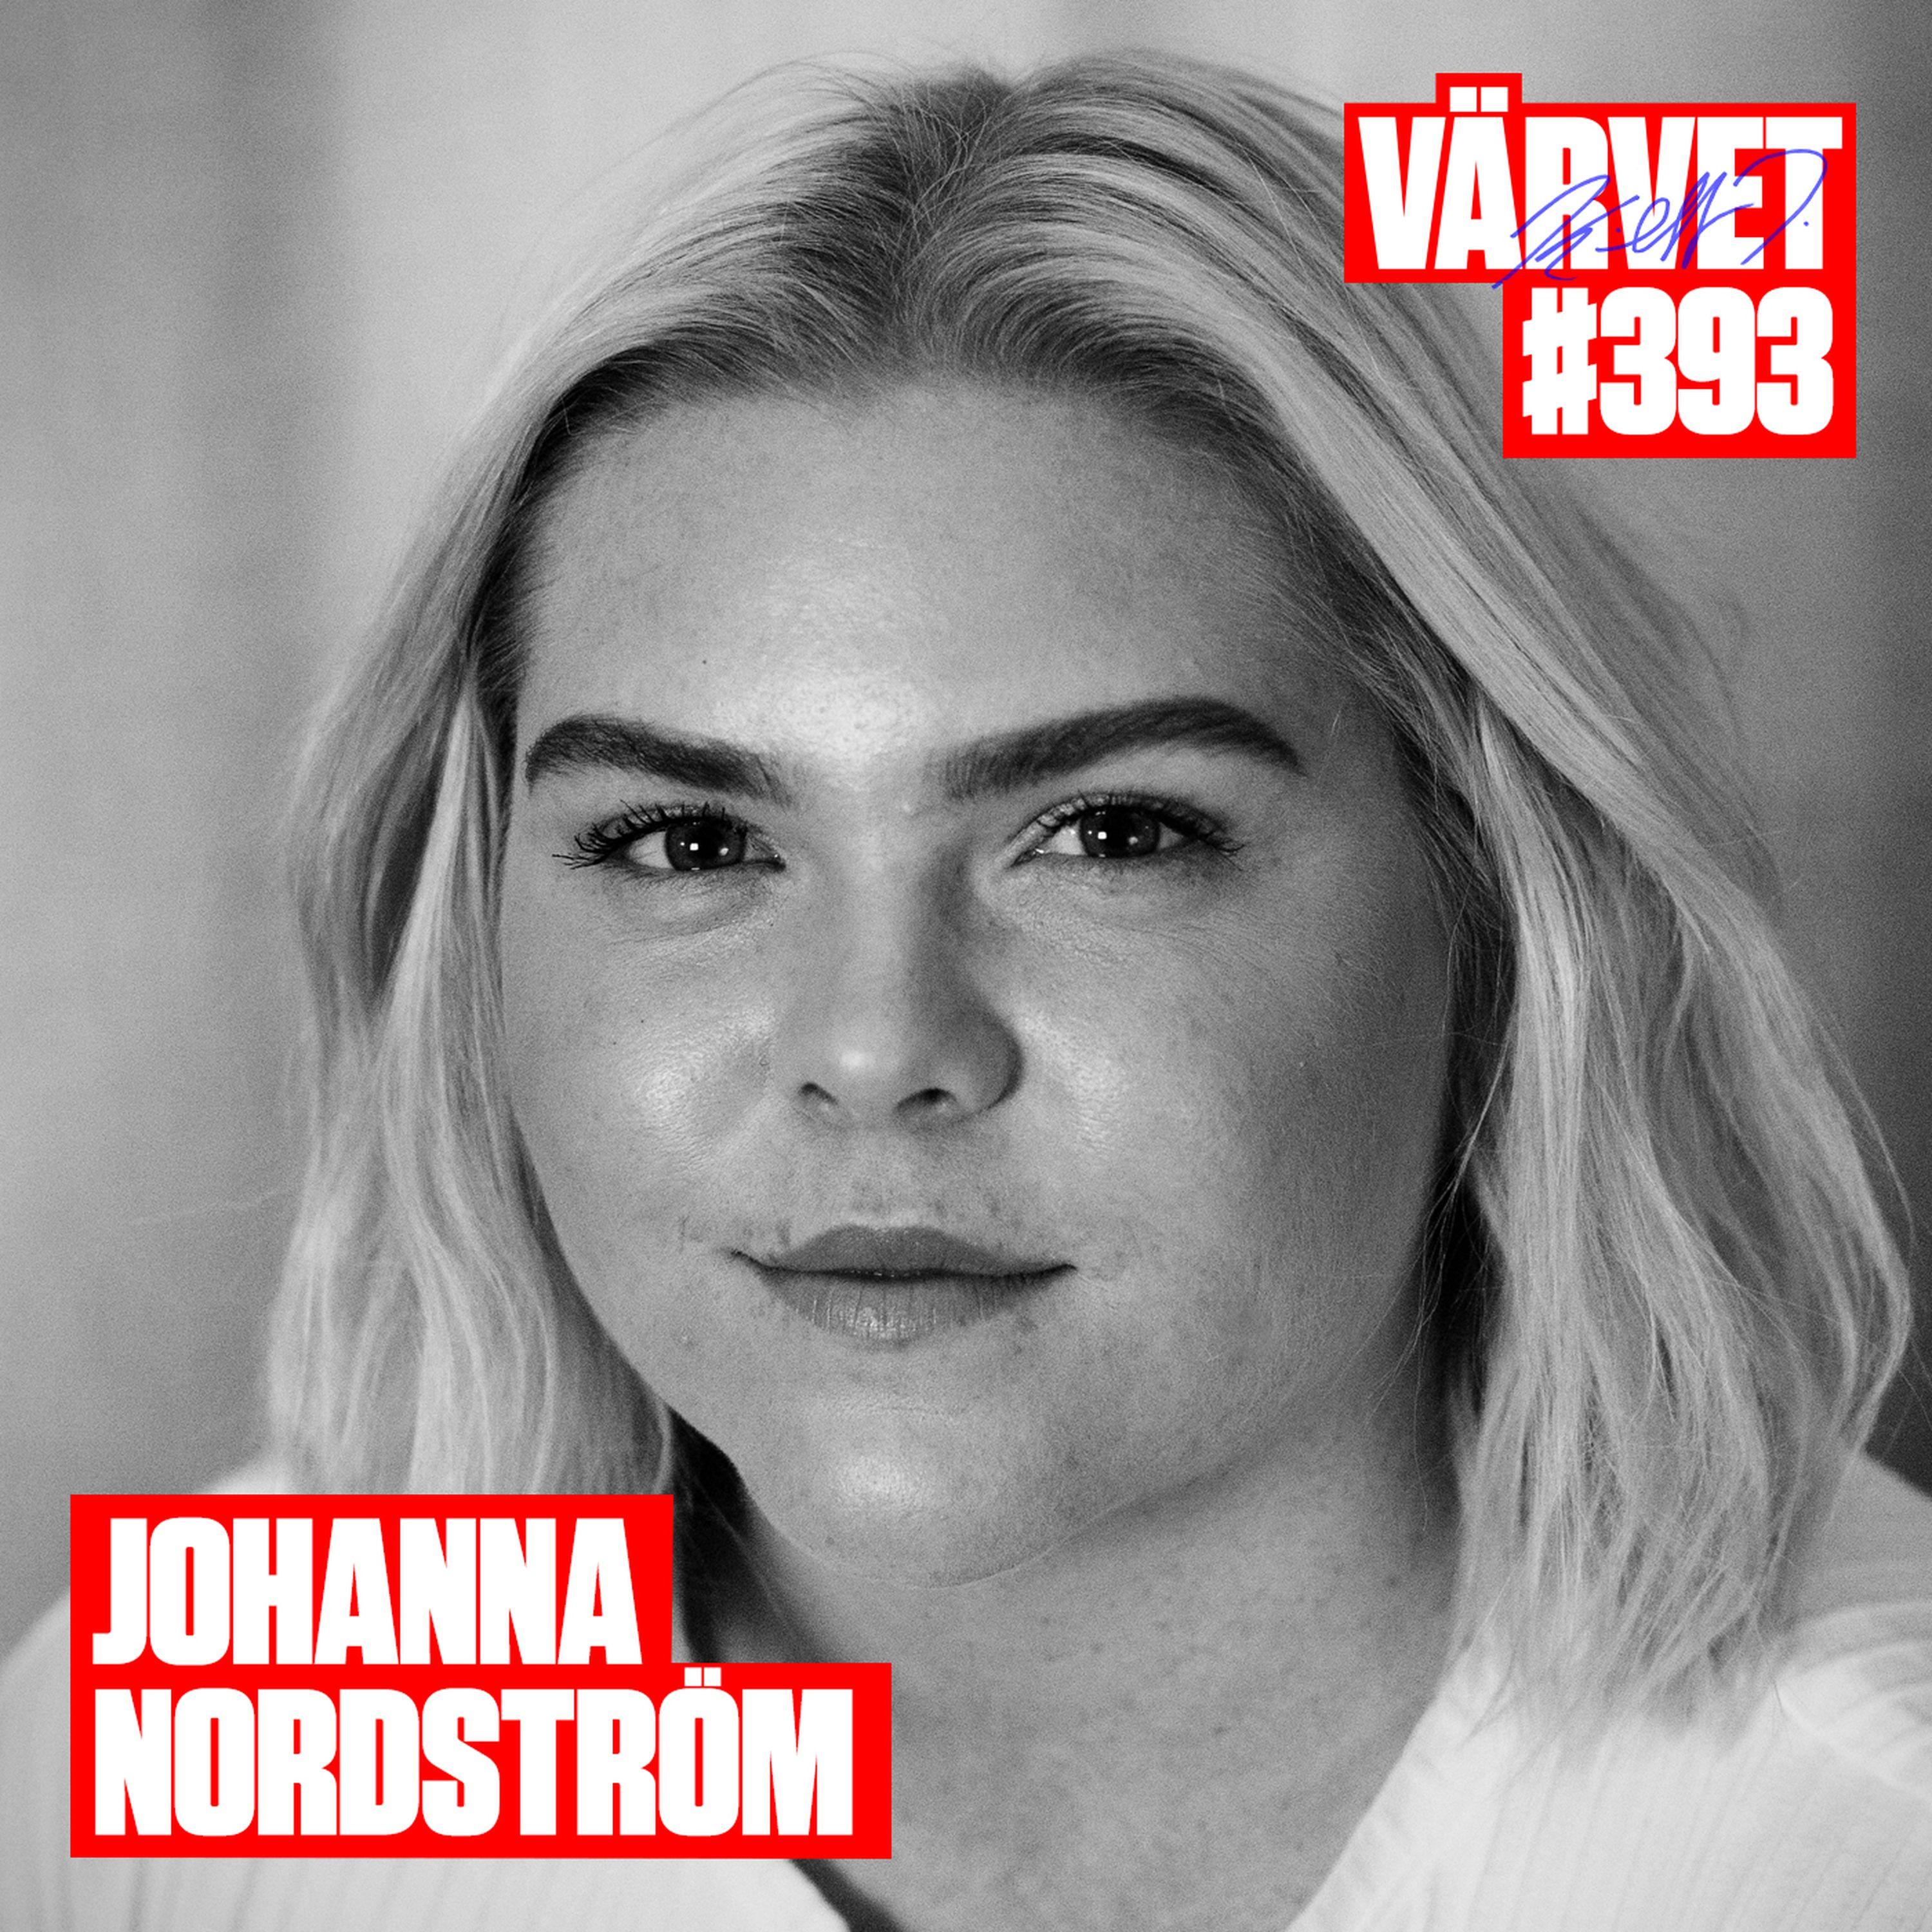 KORT VERSION - #393: Johanna Nordström